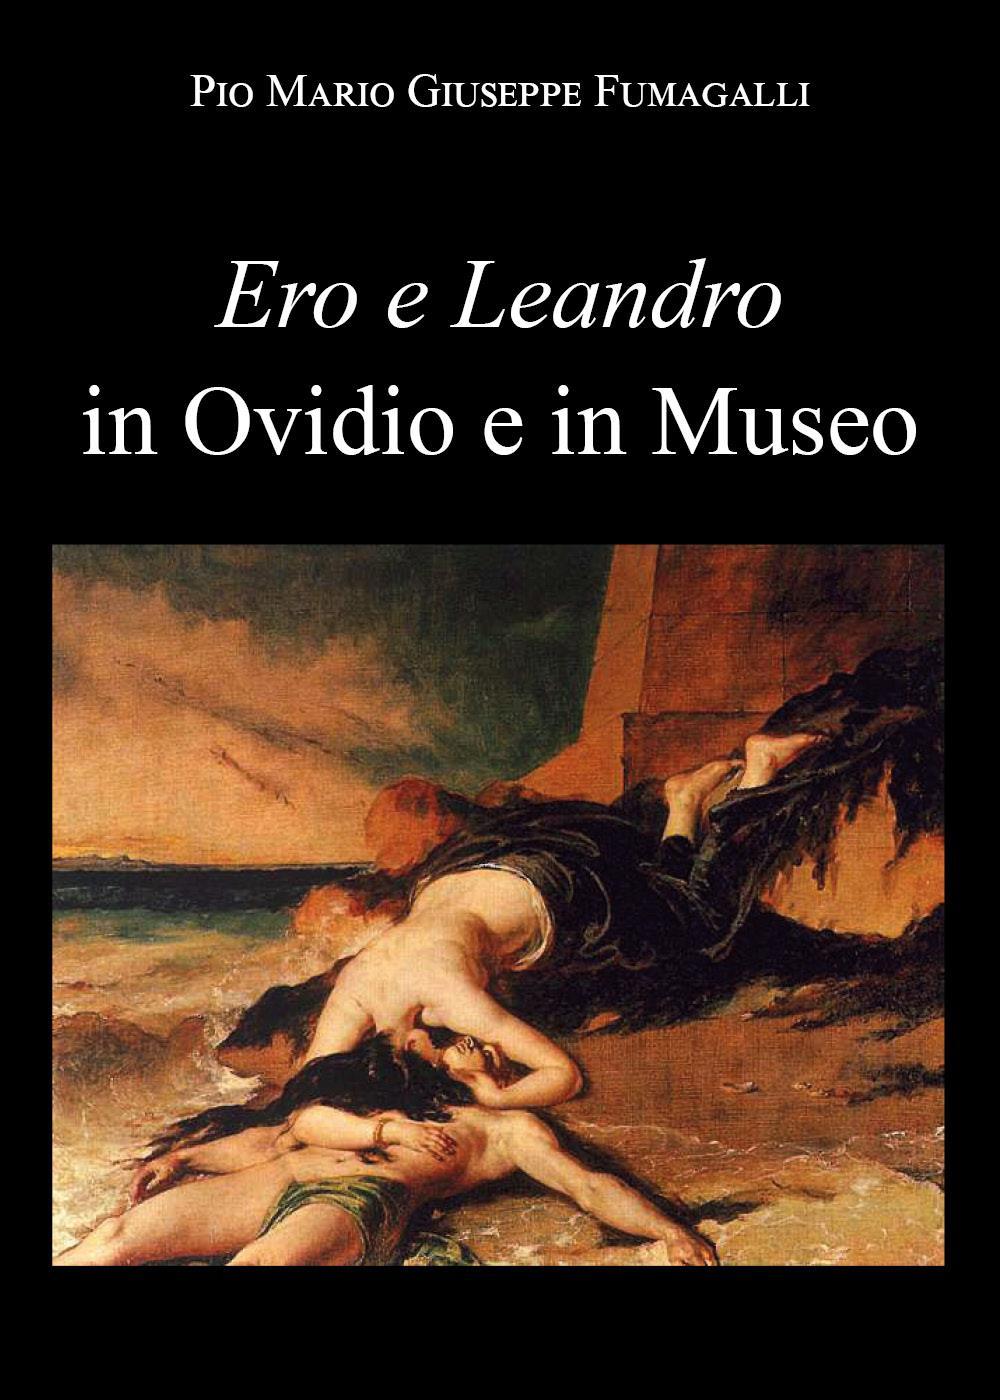 Ero e Leandro  in Ovidio e in Museo